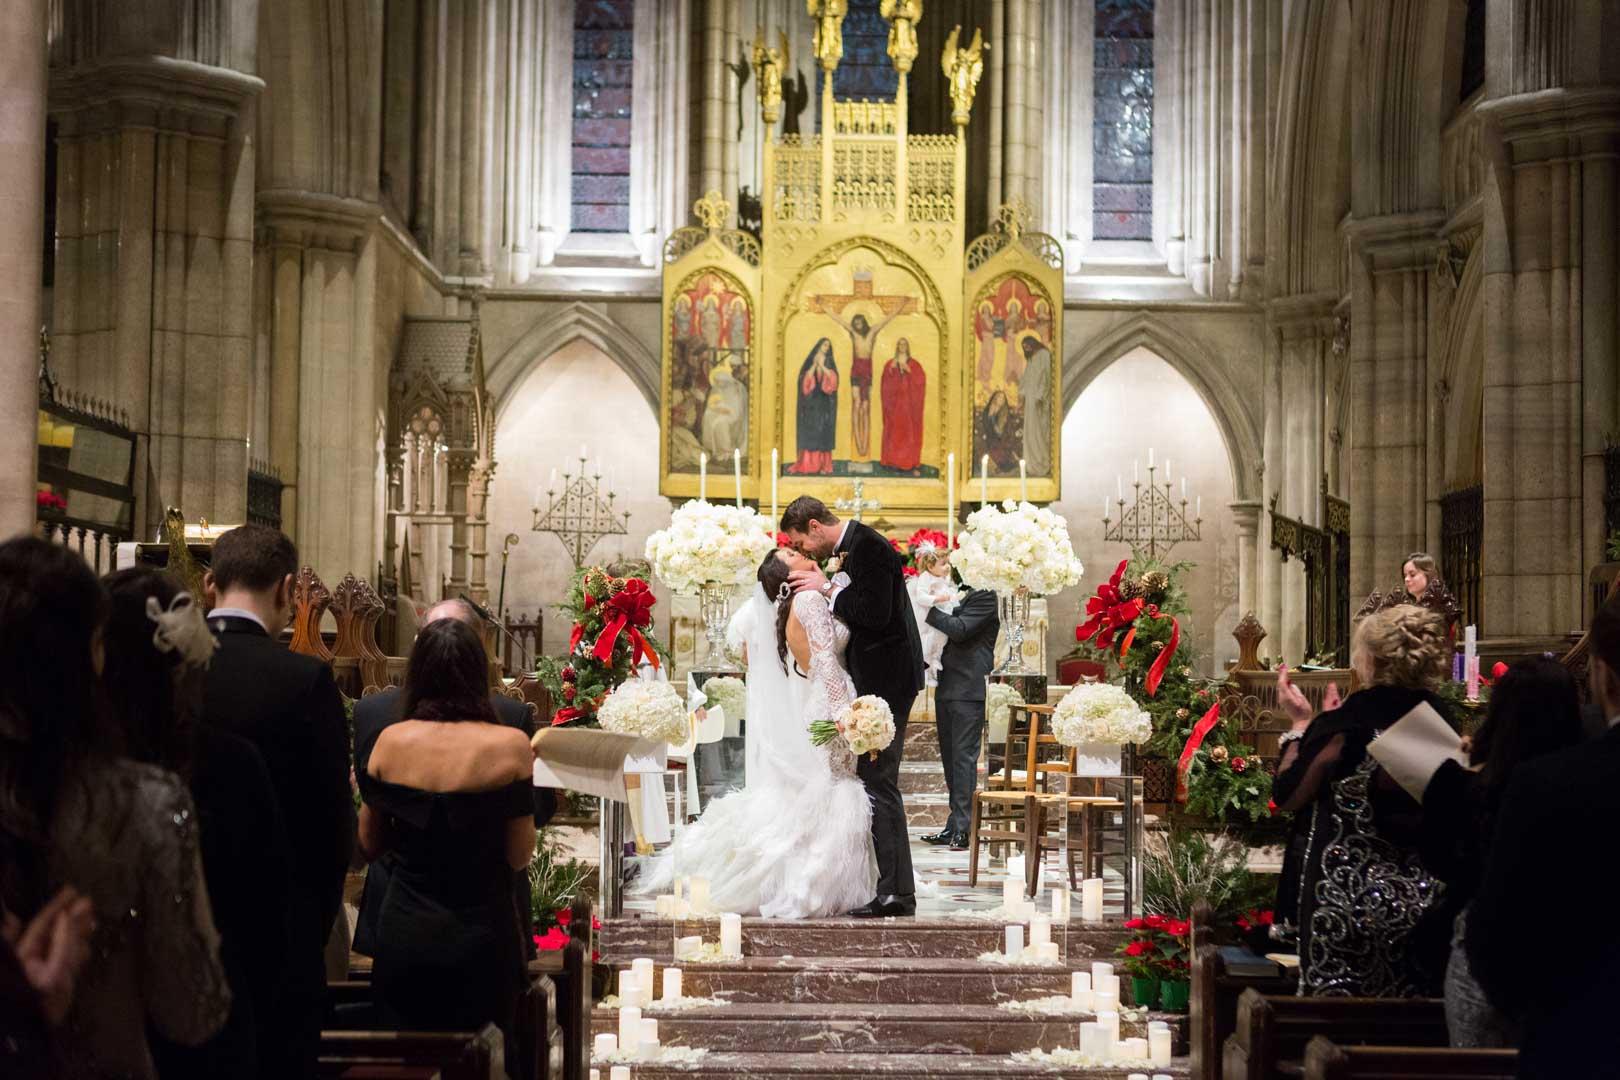 les mariés s'embrassent, au second plan, un homme à la tête de bouquet de fleur